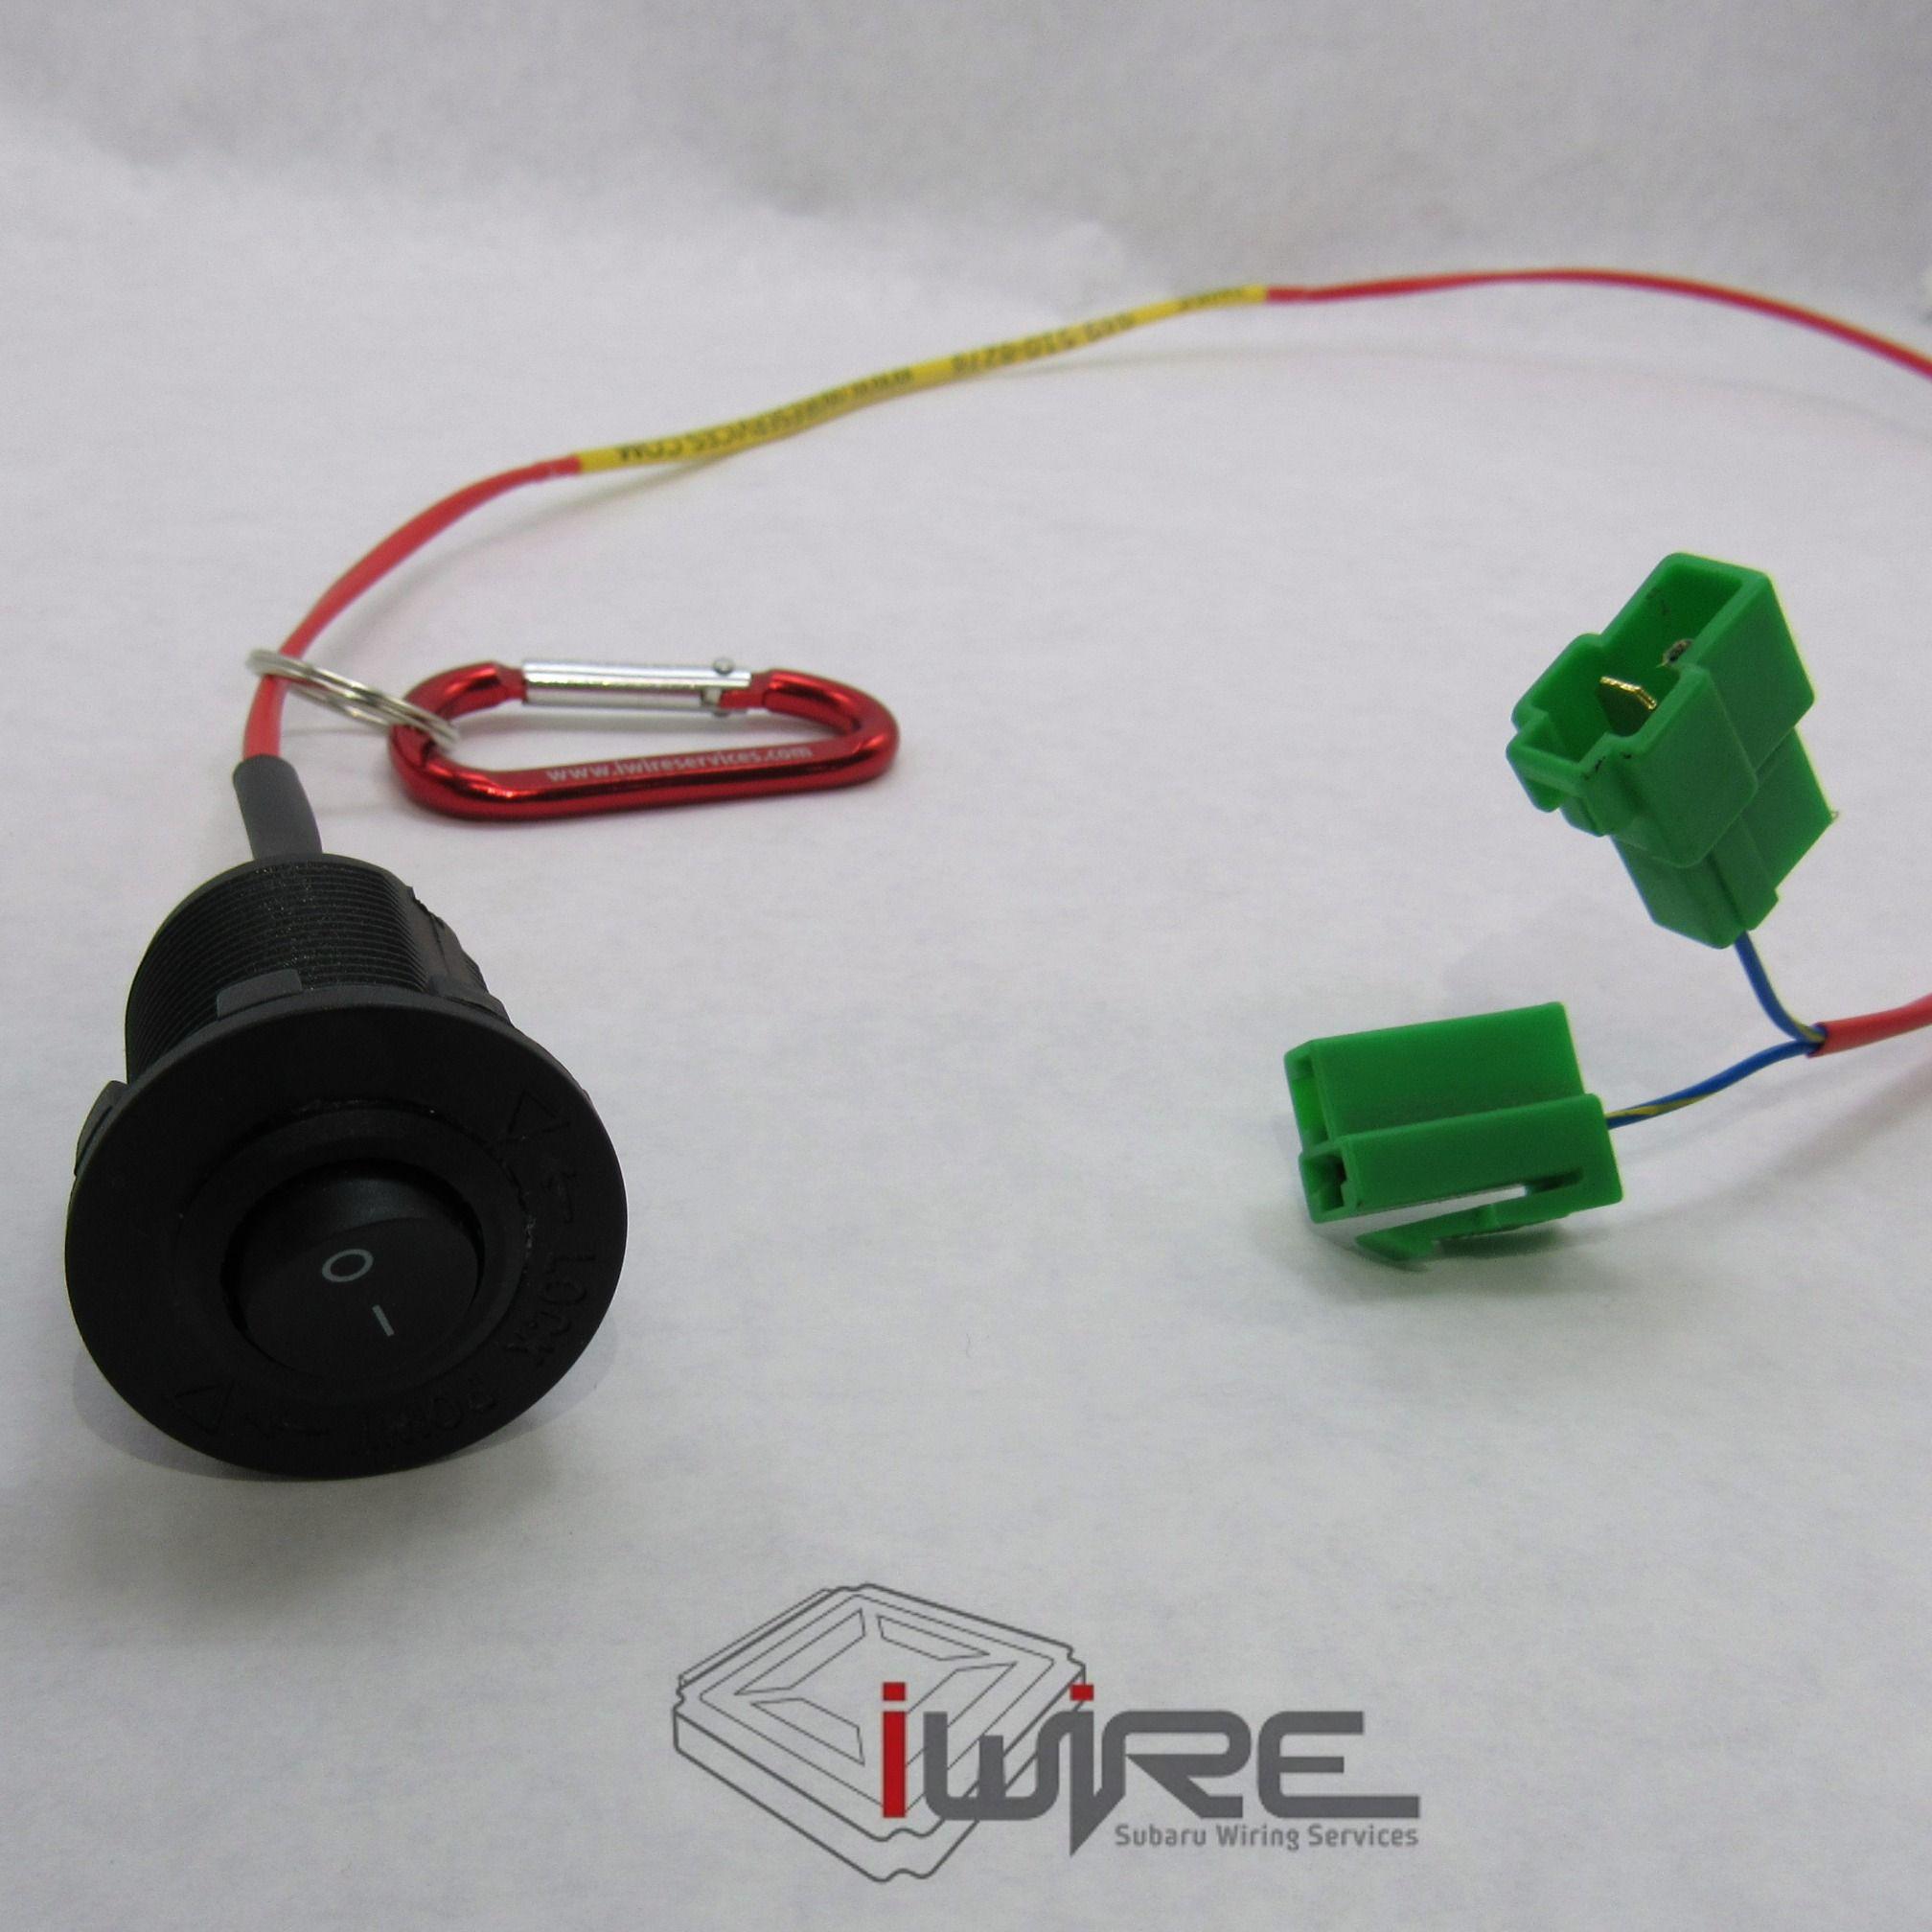 Iwire Wiring Services - WIRE Center •